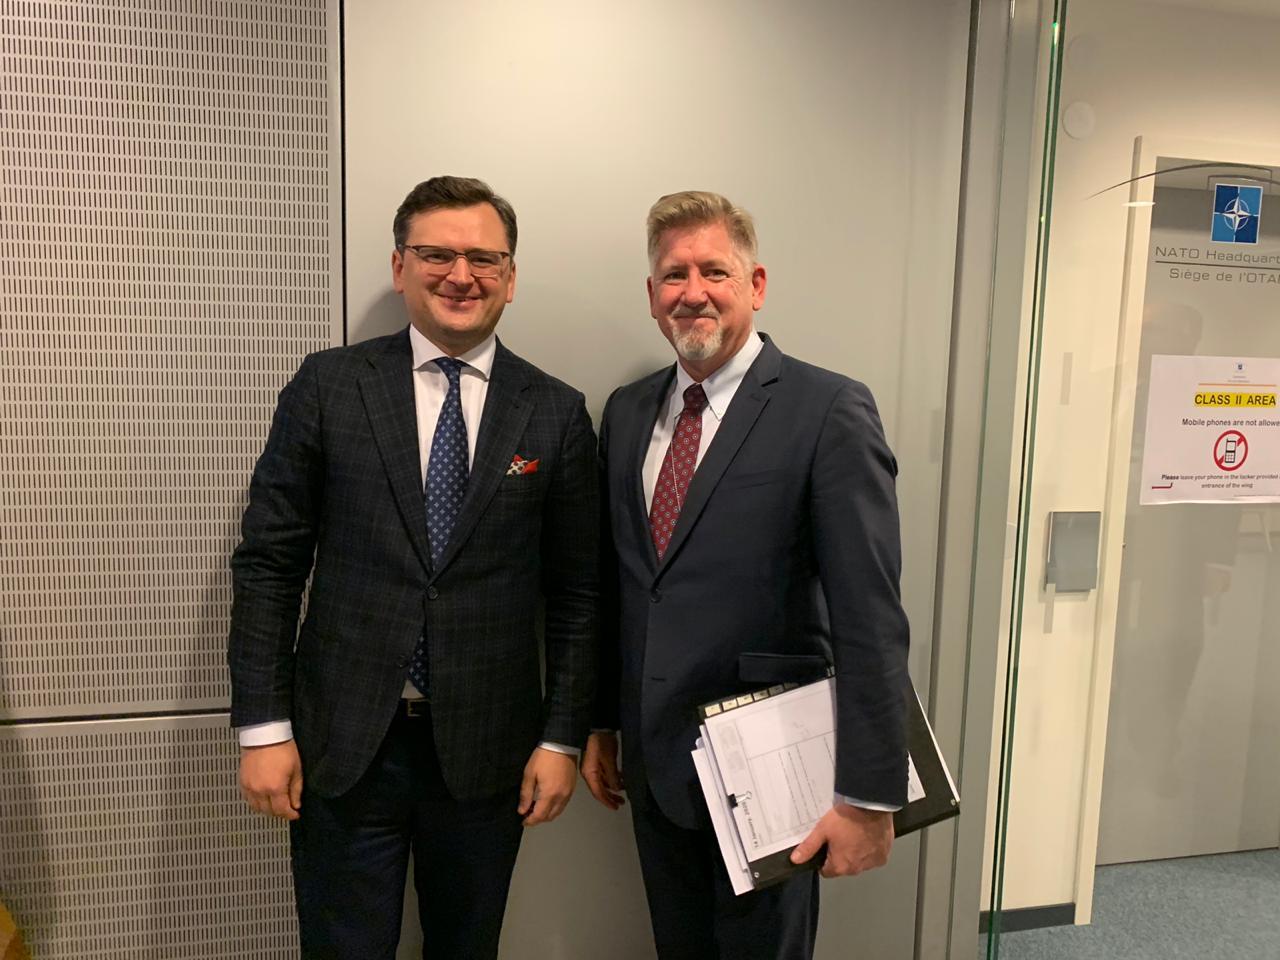 Кабінет Міністрів України - Україна повідомила НАТО про готовність стати операційним партнером Альянсу в Іраку